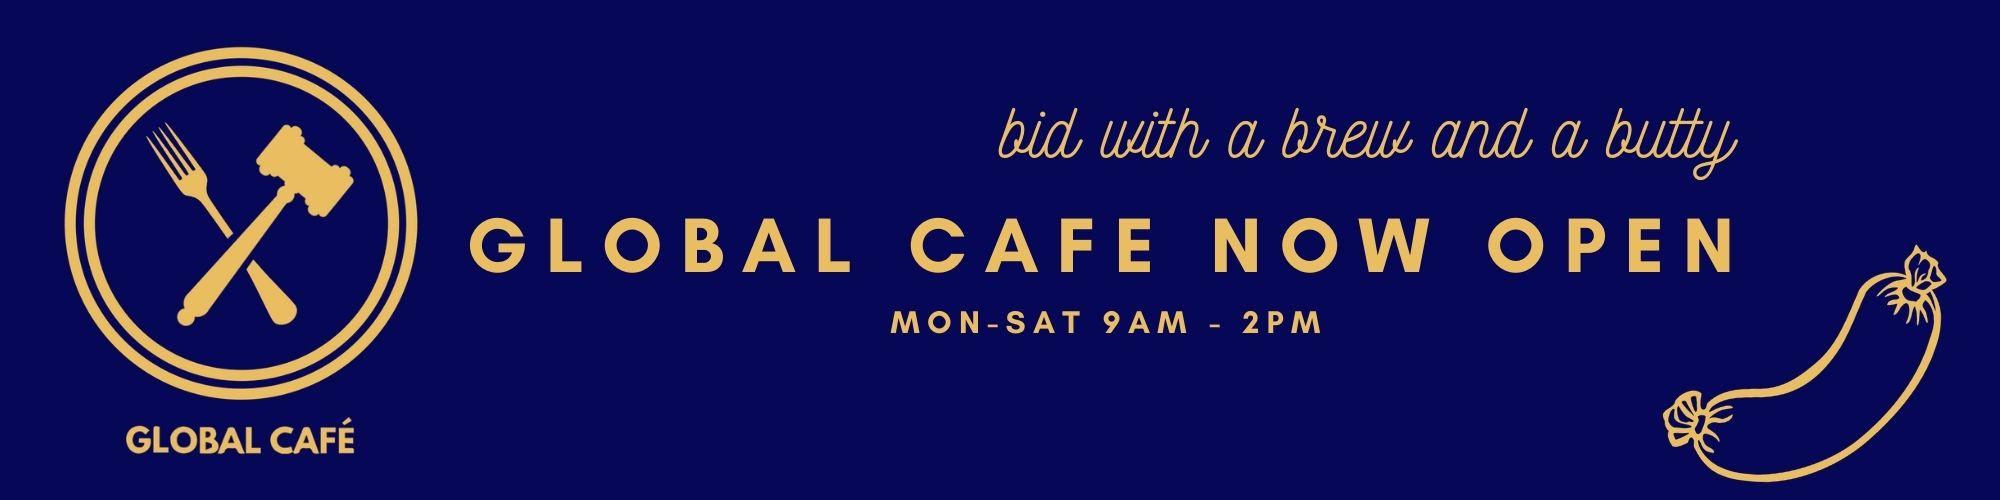 Global Cafe banner